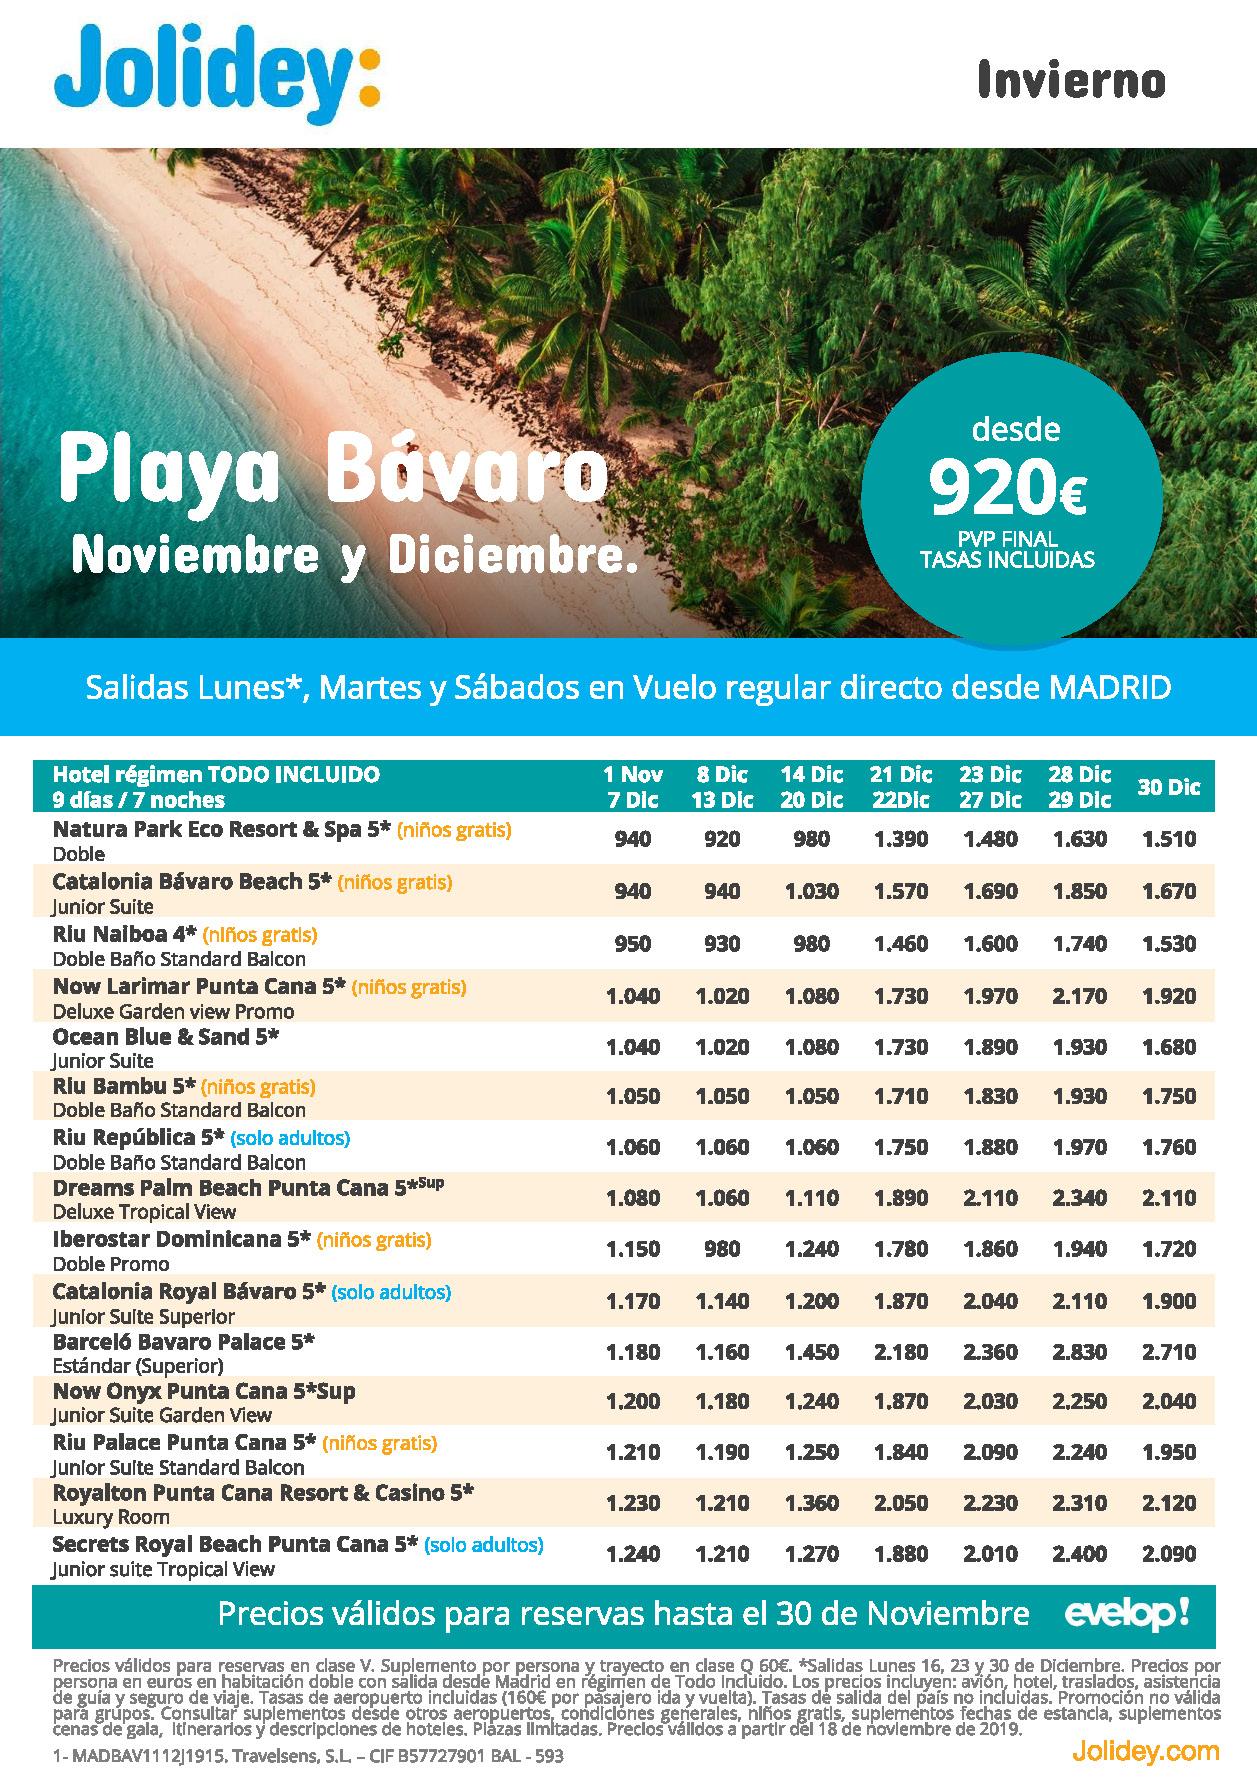 Ofertas Jolidey Vacaciones en Playa Bavaro Noviembre Diciembre 2019